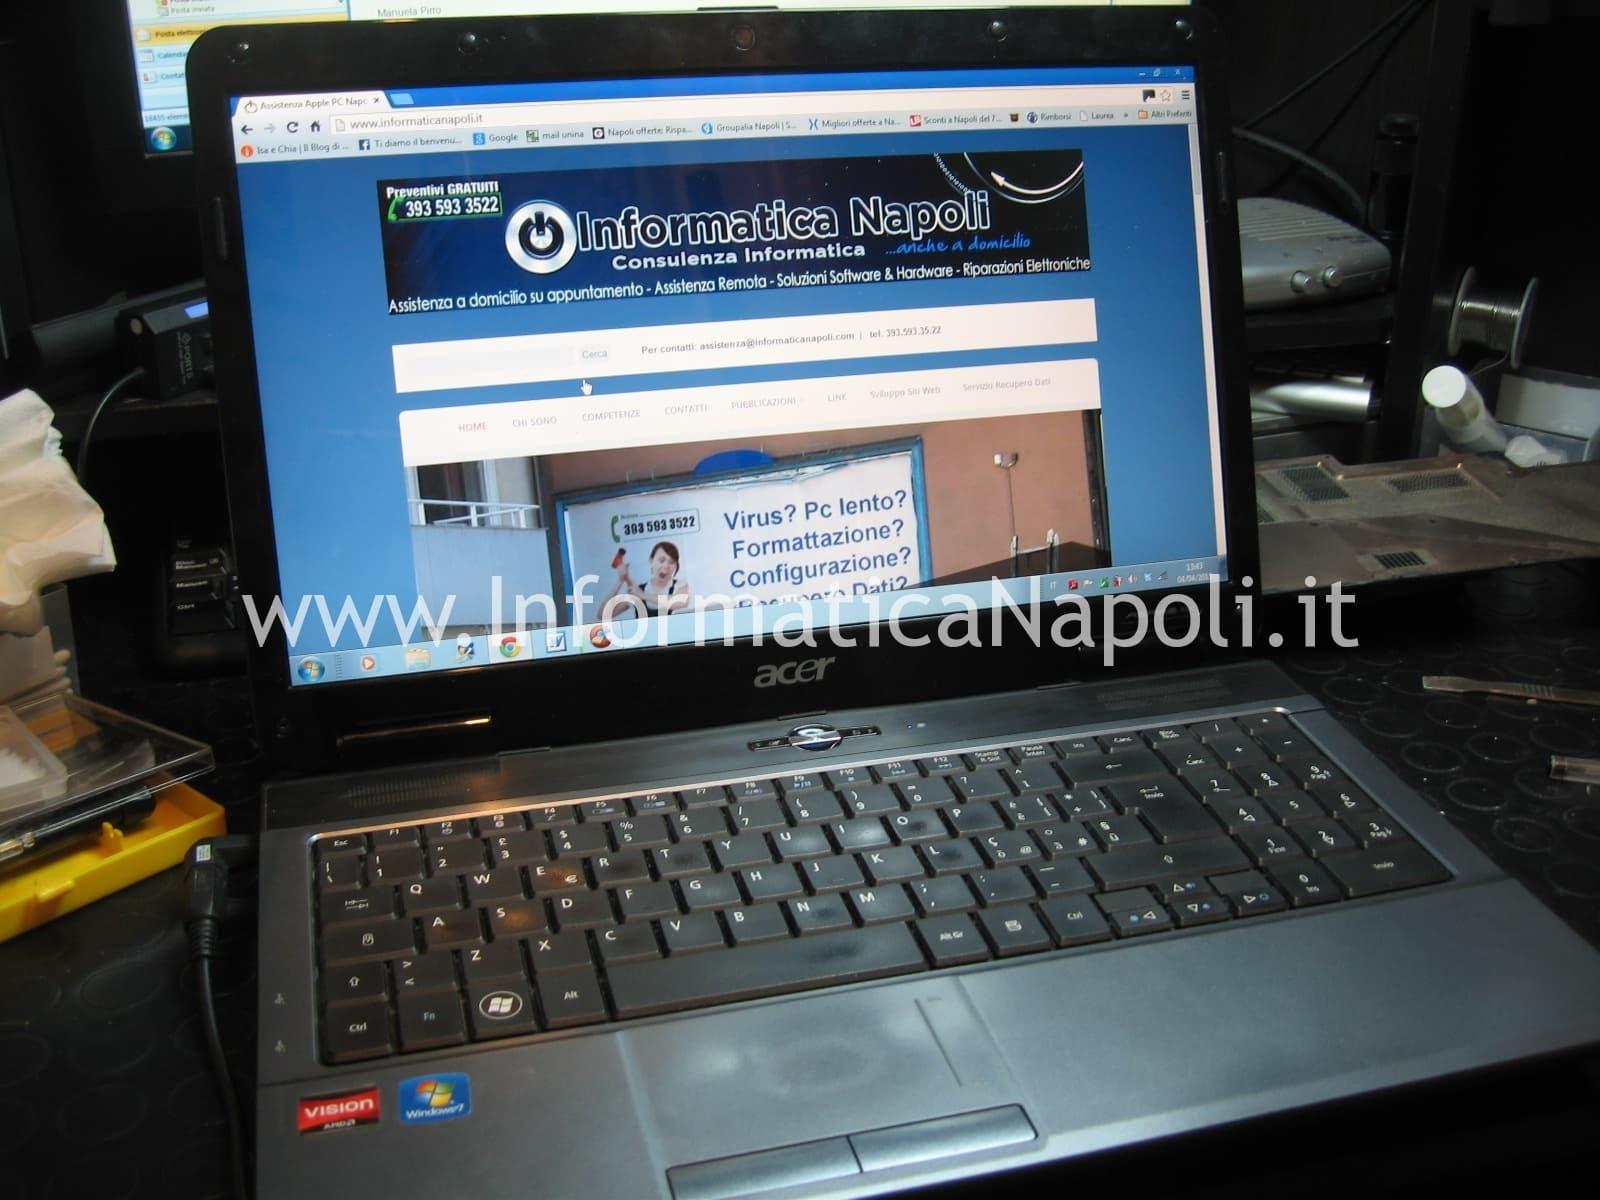 Acer Aspire 5541 kawg0 funzionante riparato